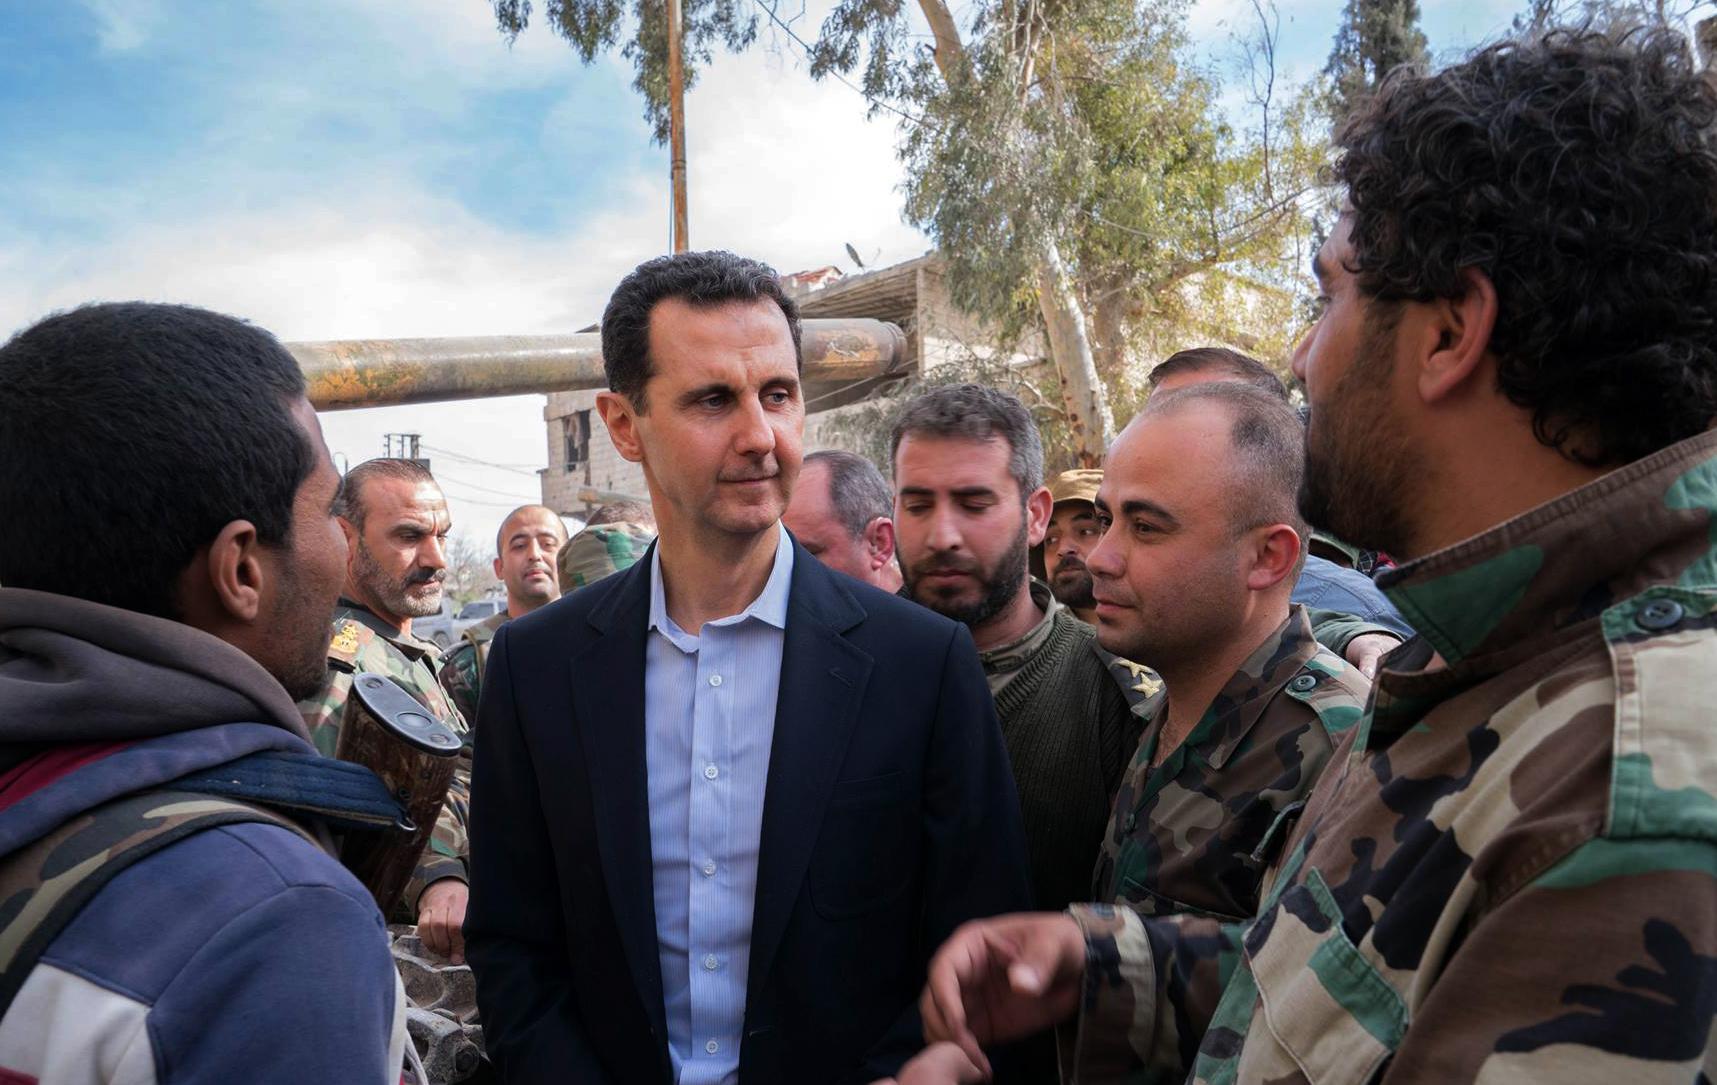 صورة على رأسهم الأسد..677 شخصية مولت الإرهاب في سوريا